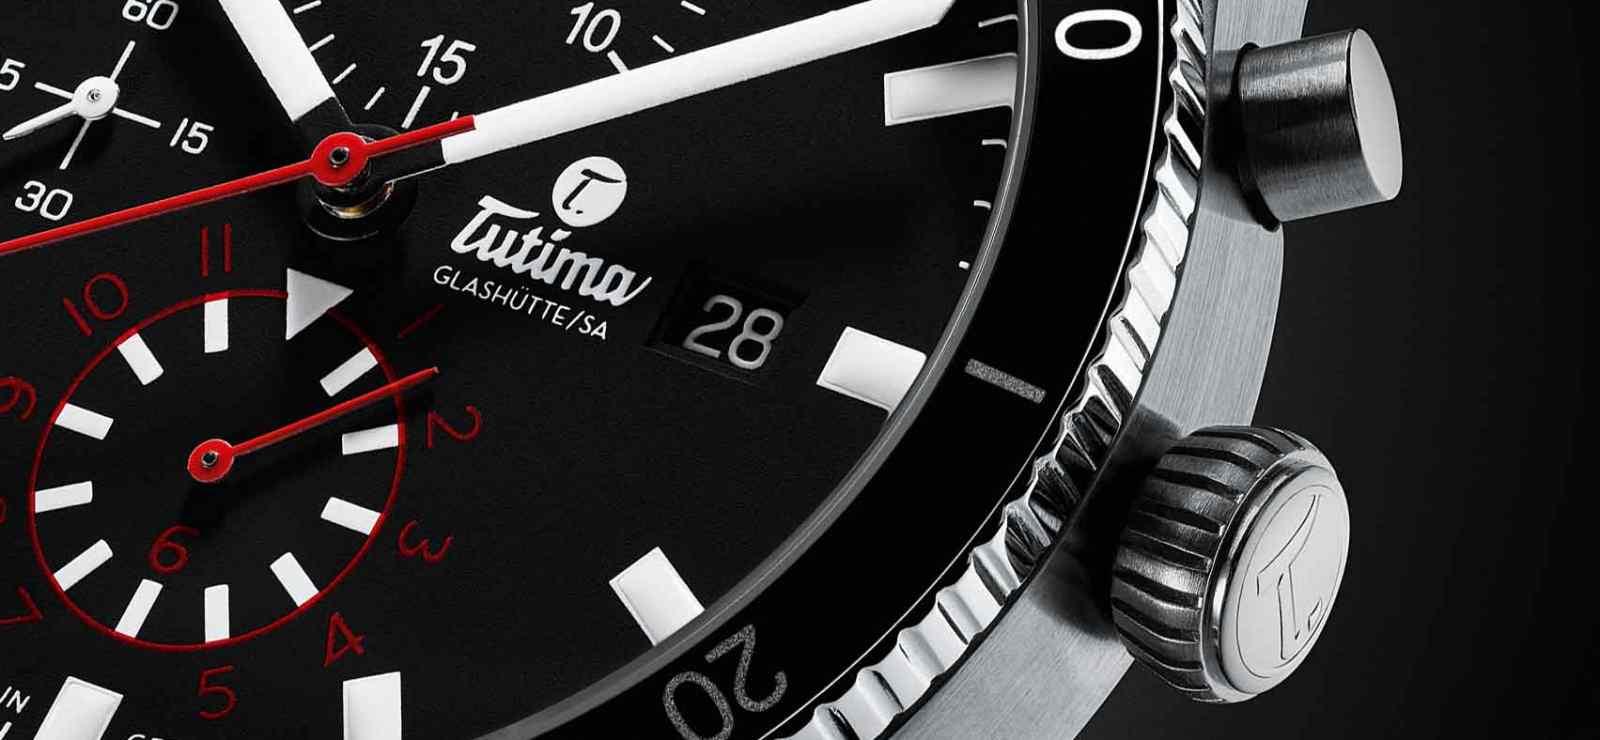 Tutima 6401-01 Dial Close Up